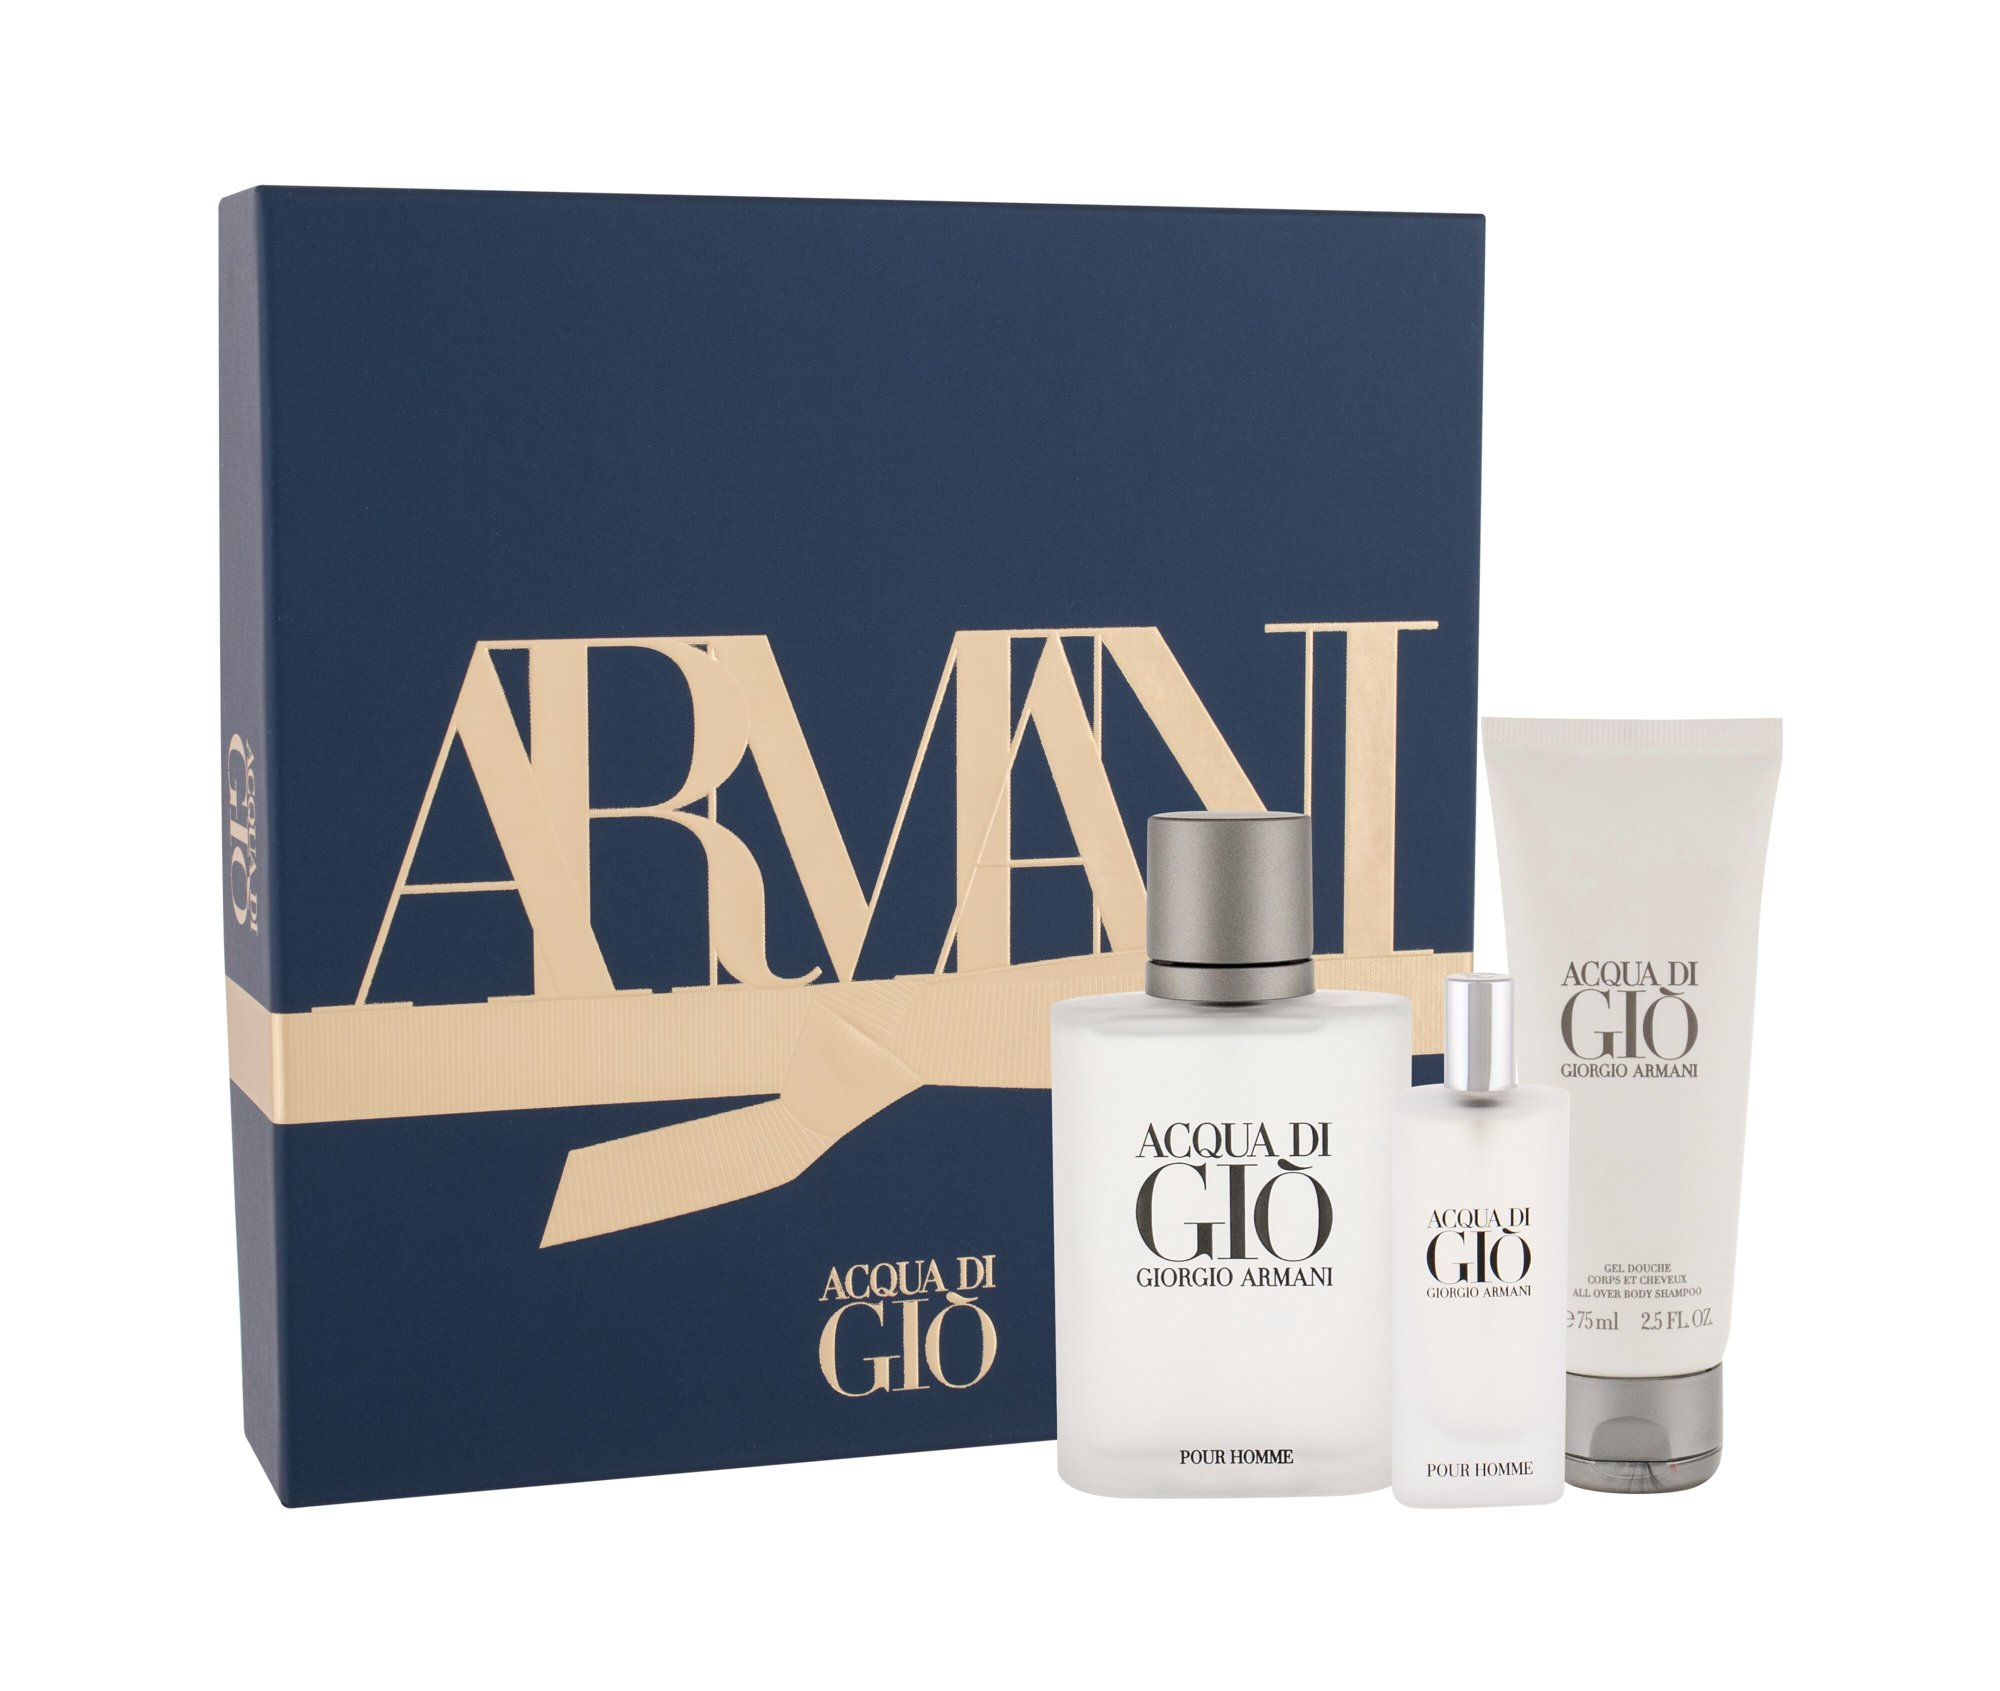 Giorgio Armani Acqua di Gio Pour Homme, toaletná voda 100 ml + toaletná voda 15 ml + sprchovací gél 75 ml